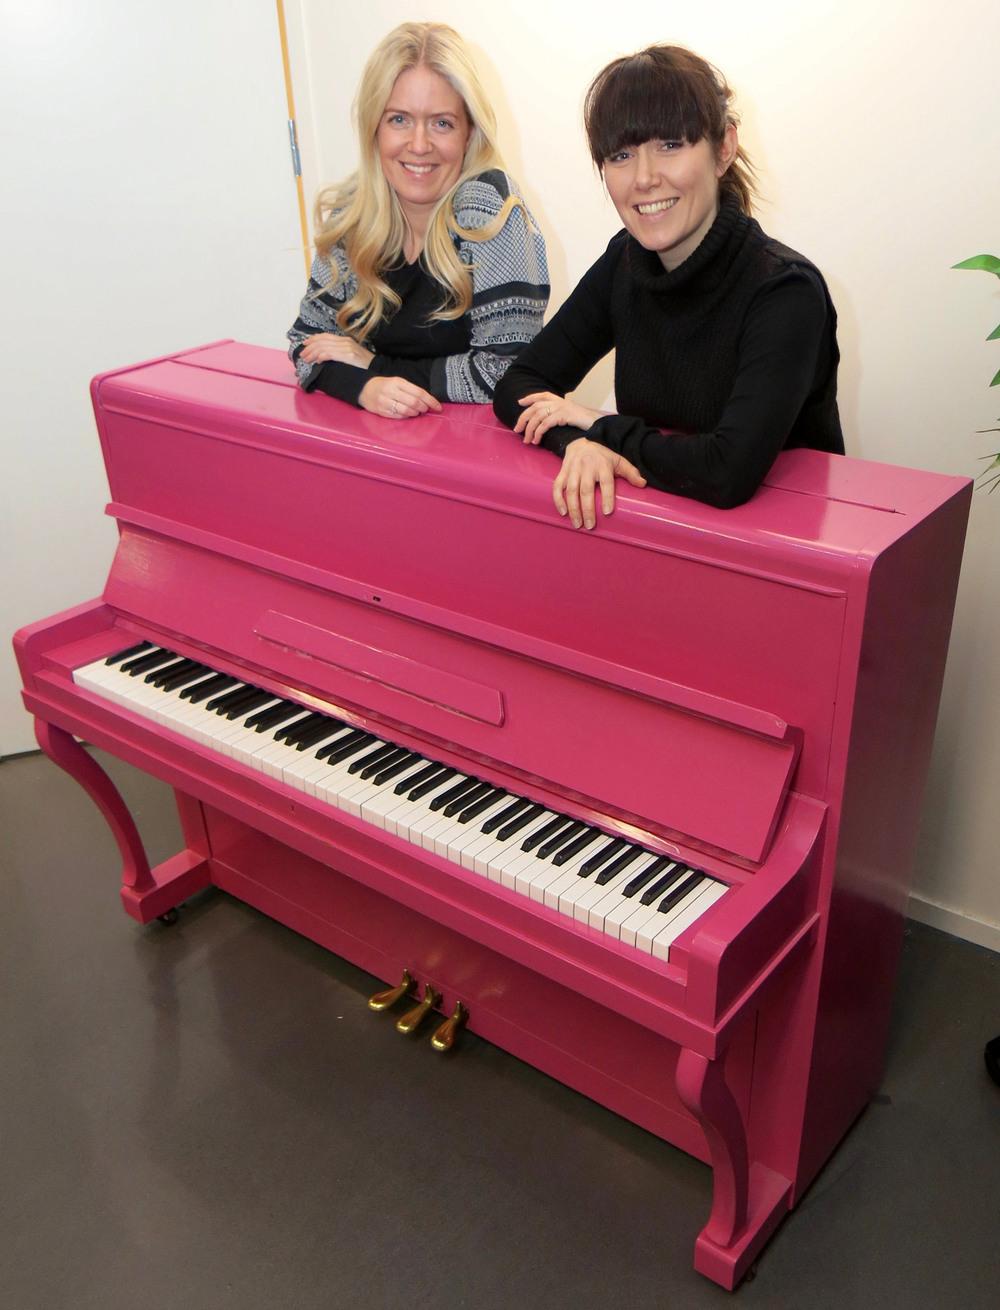 FØDT PÅ NY:  Pianoet fant de gratis på Finn.no. Da var det brunt og trist. Nå er det rosa. − Ungene er helt ville etter å spille på det, sier eierne av Showskolen, Guro (t.v) og Marte Helleseter.